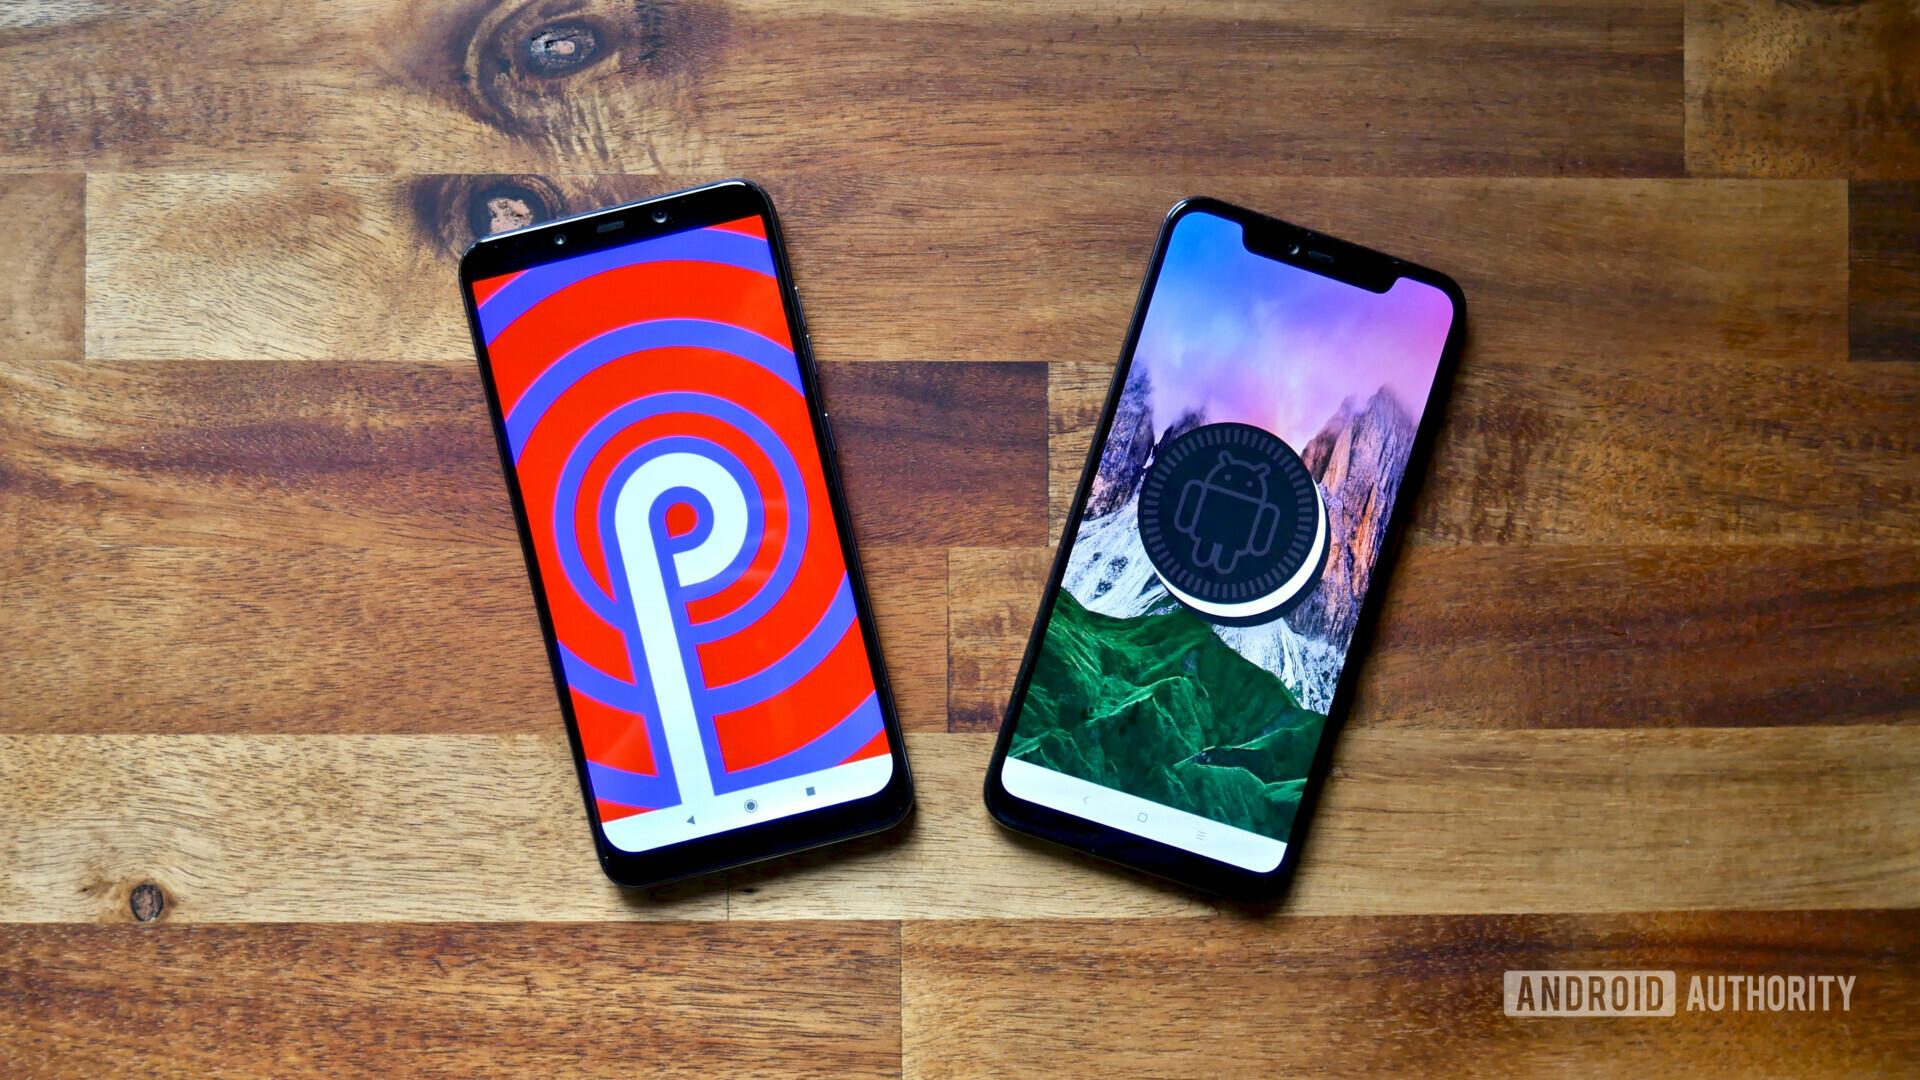 Xiaomi Mi 8 Pro vs Pocophone F1 Android